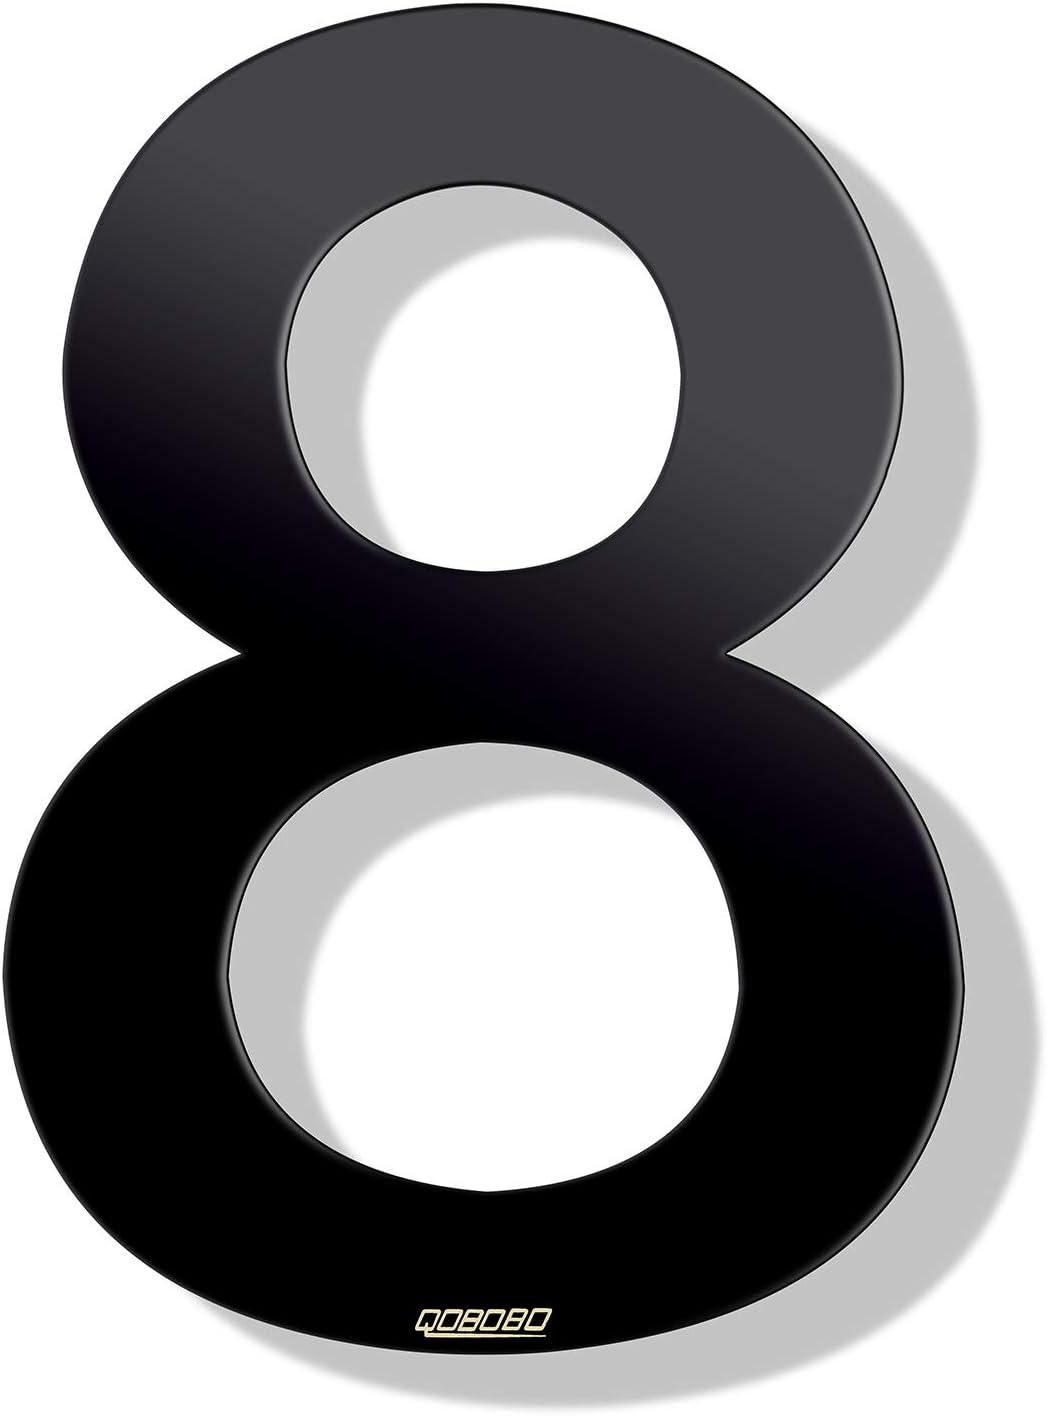 1 St/ück qobobo/® Edelstahl Hausnummern 4 Vier Hausnummernschild Anthrazit Schwarz Stra/ße Nummer Bespr/üht mit Matt Schwarz pulvert 200mm